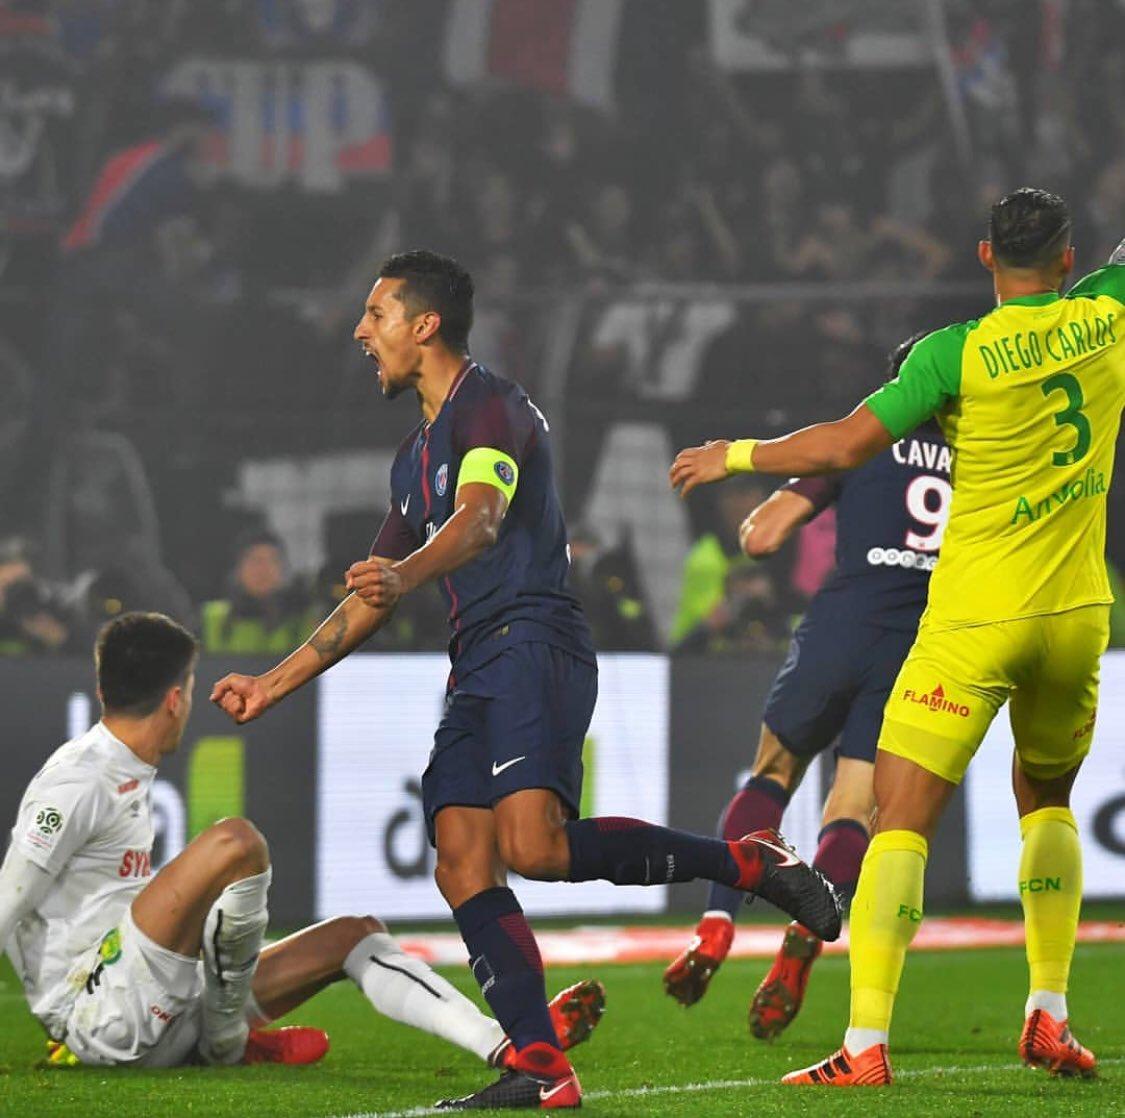 Les images du PSG ce lundi célébrations de victoire et Neymar qui humilie à l'entraînement.jpg